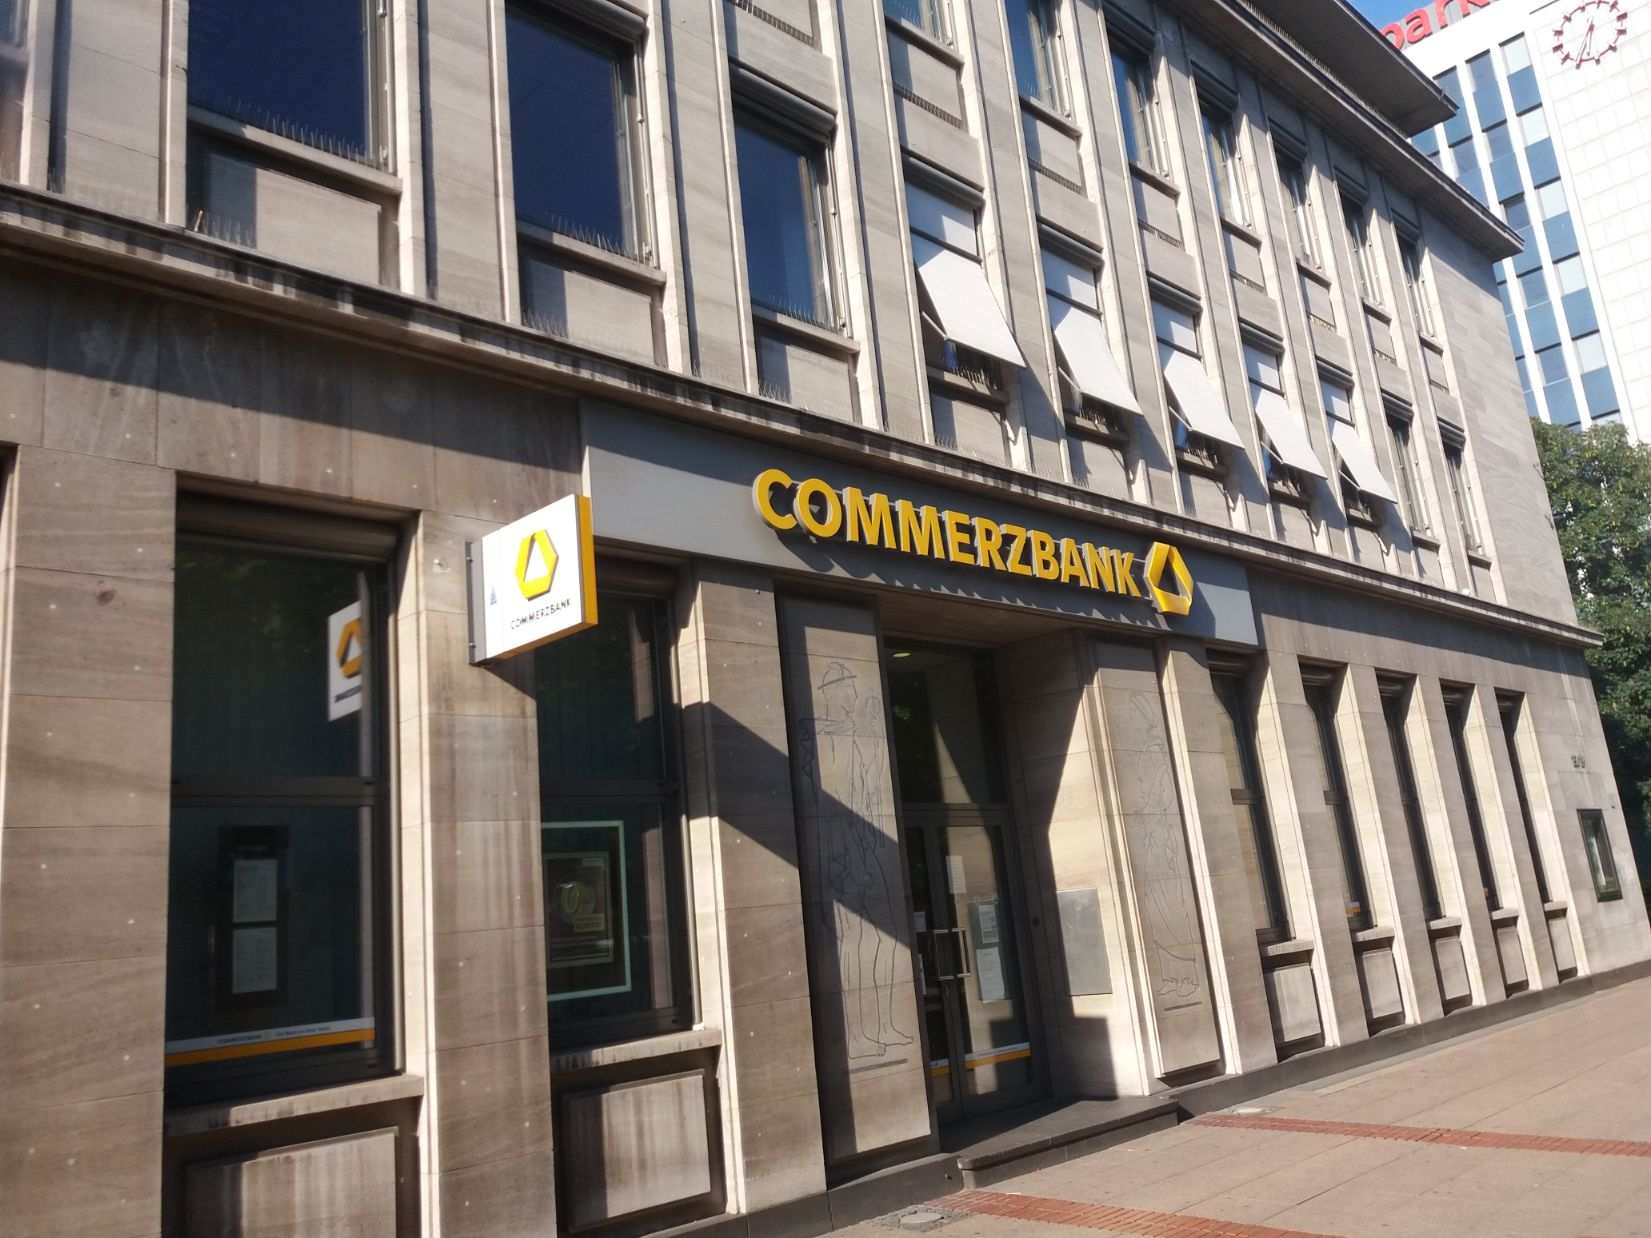 Commerzbank Duisburg